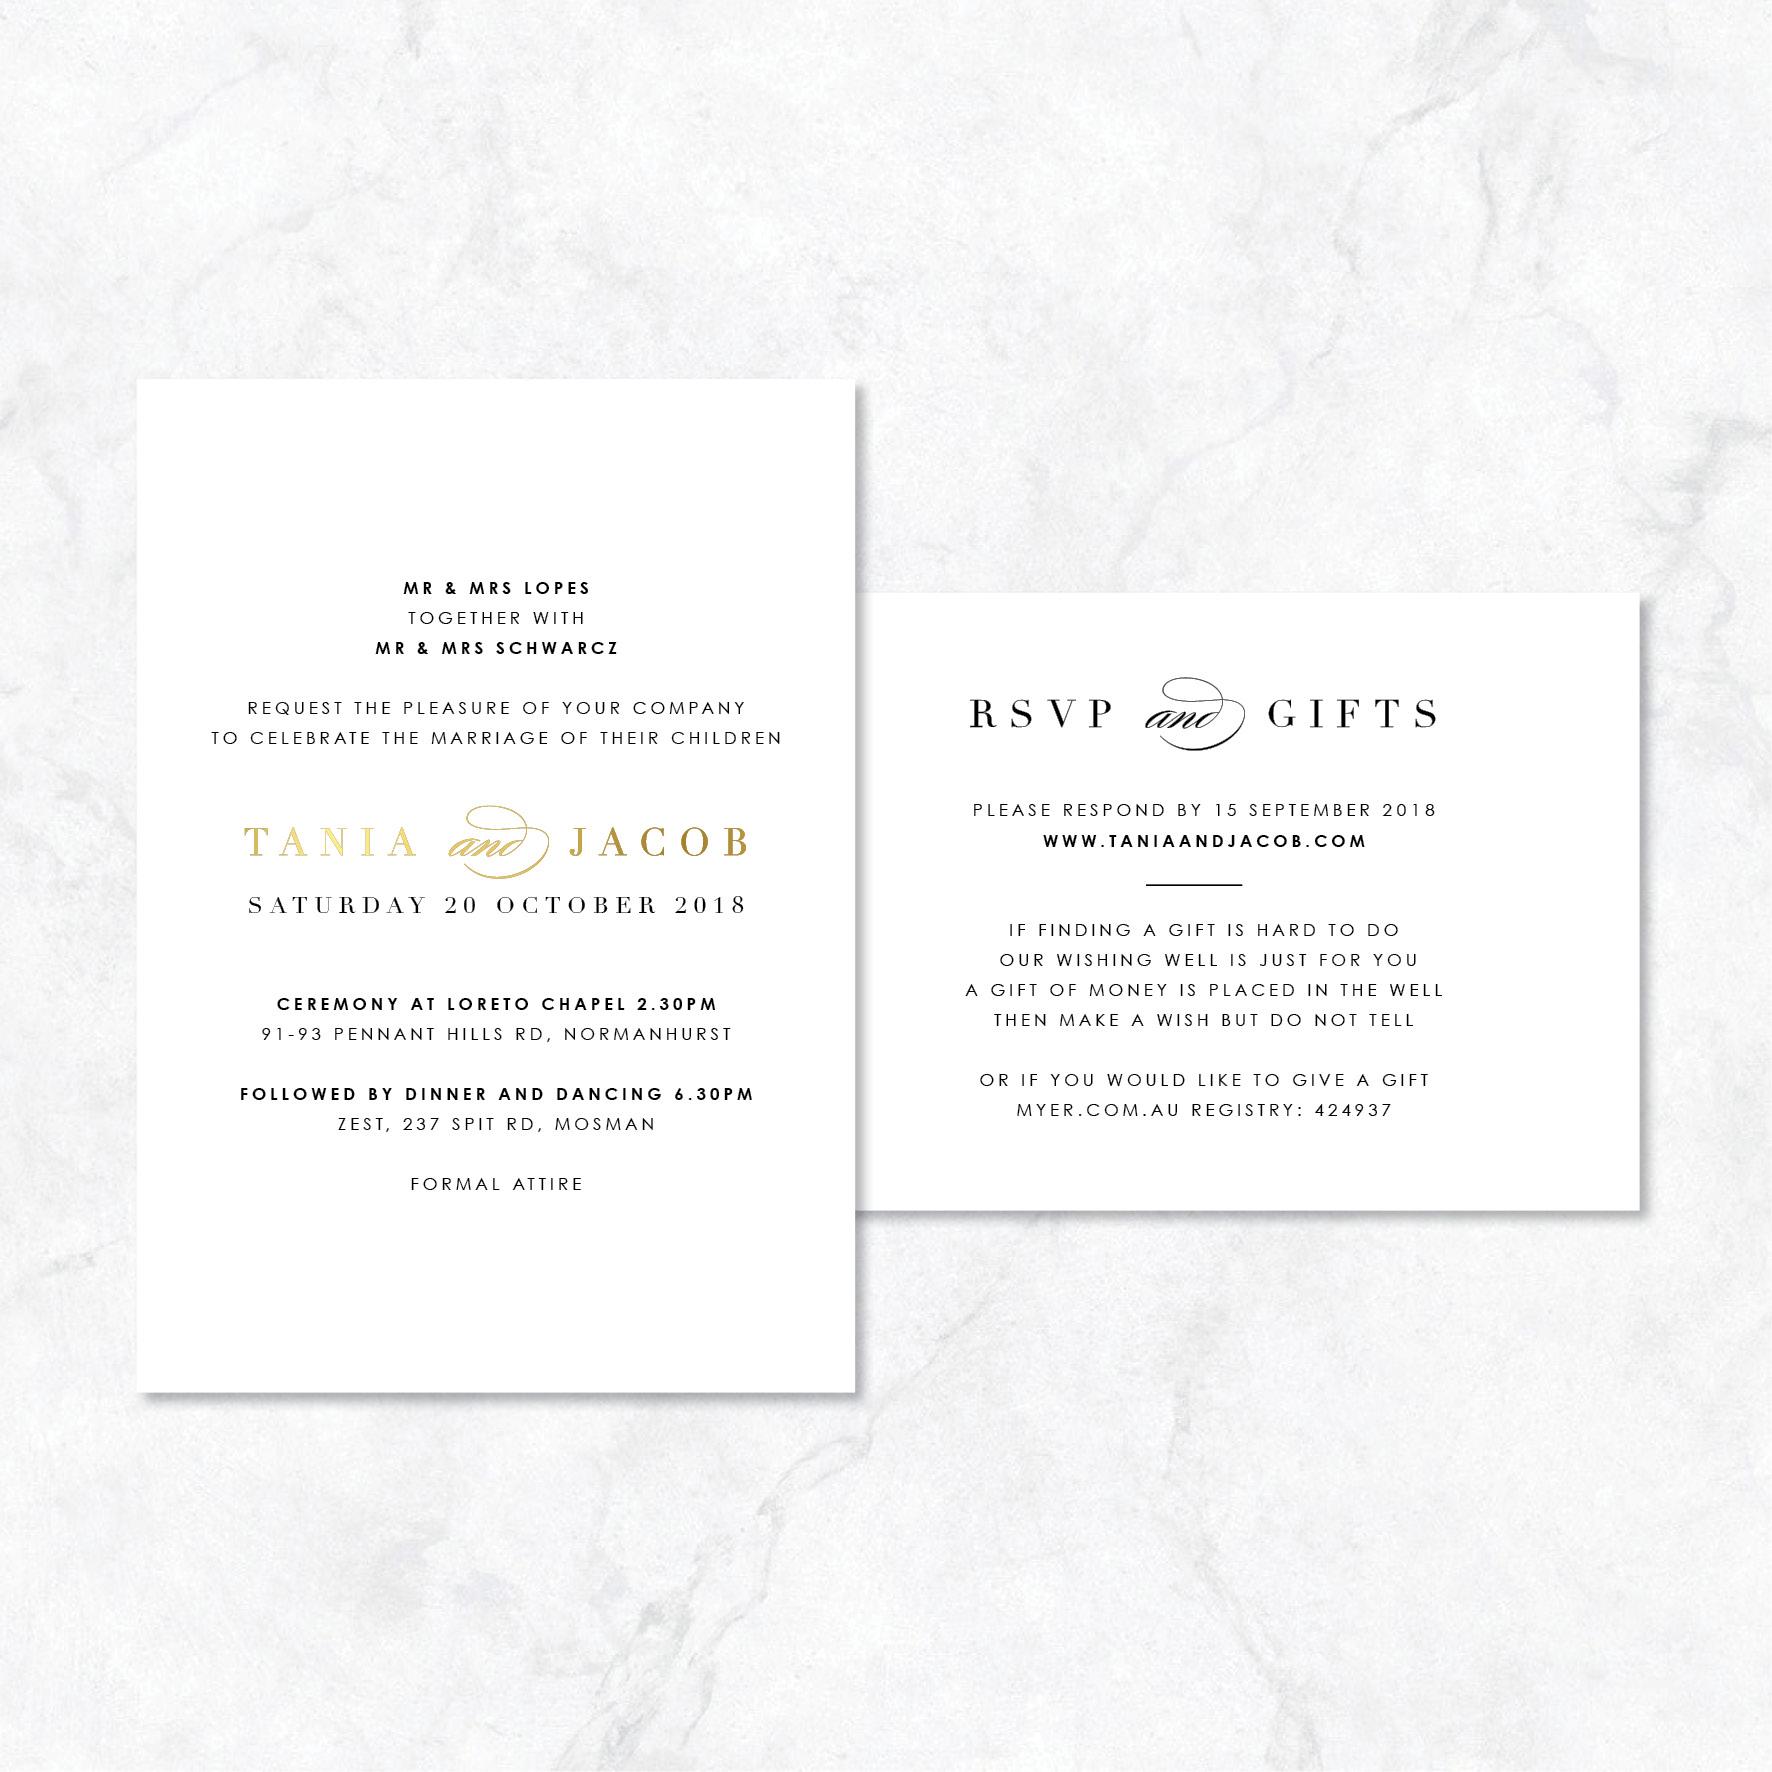 Belle Loves Paper Invitations21.jpg